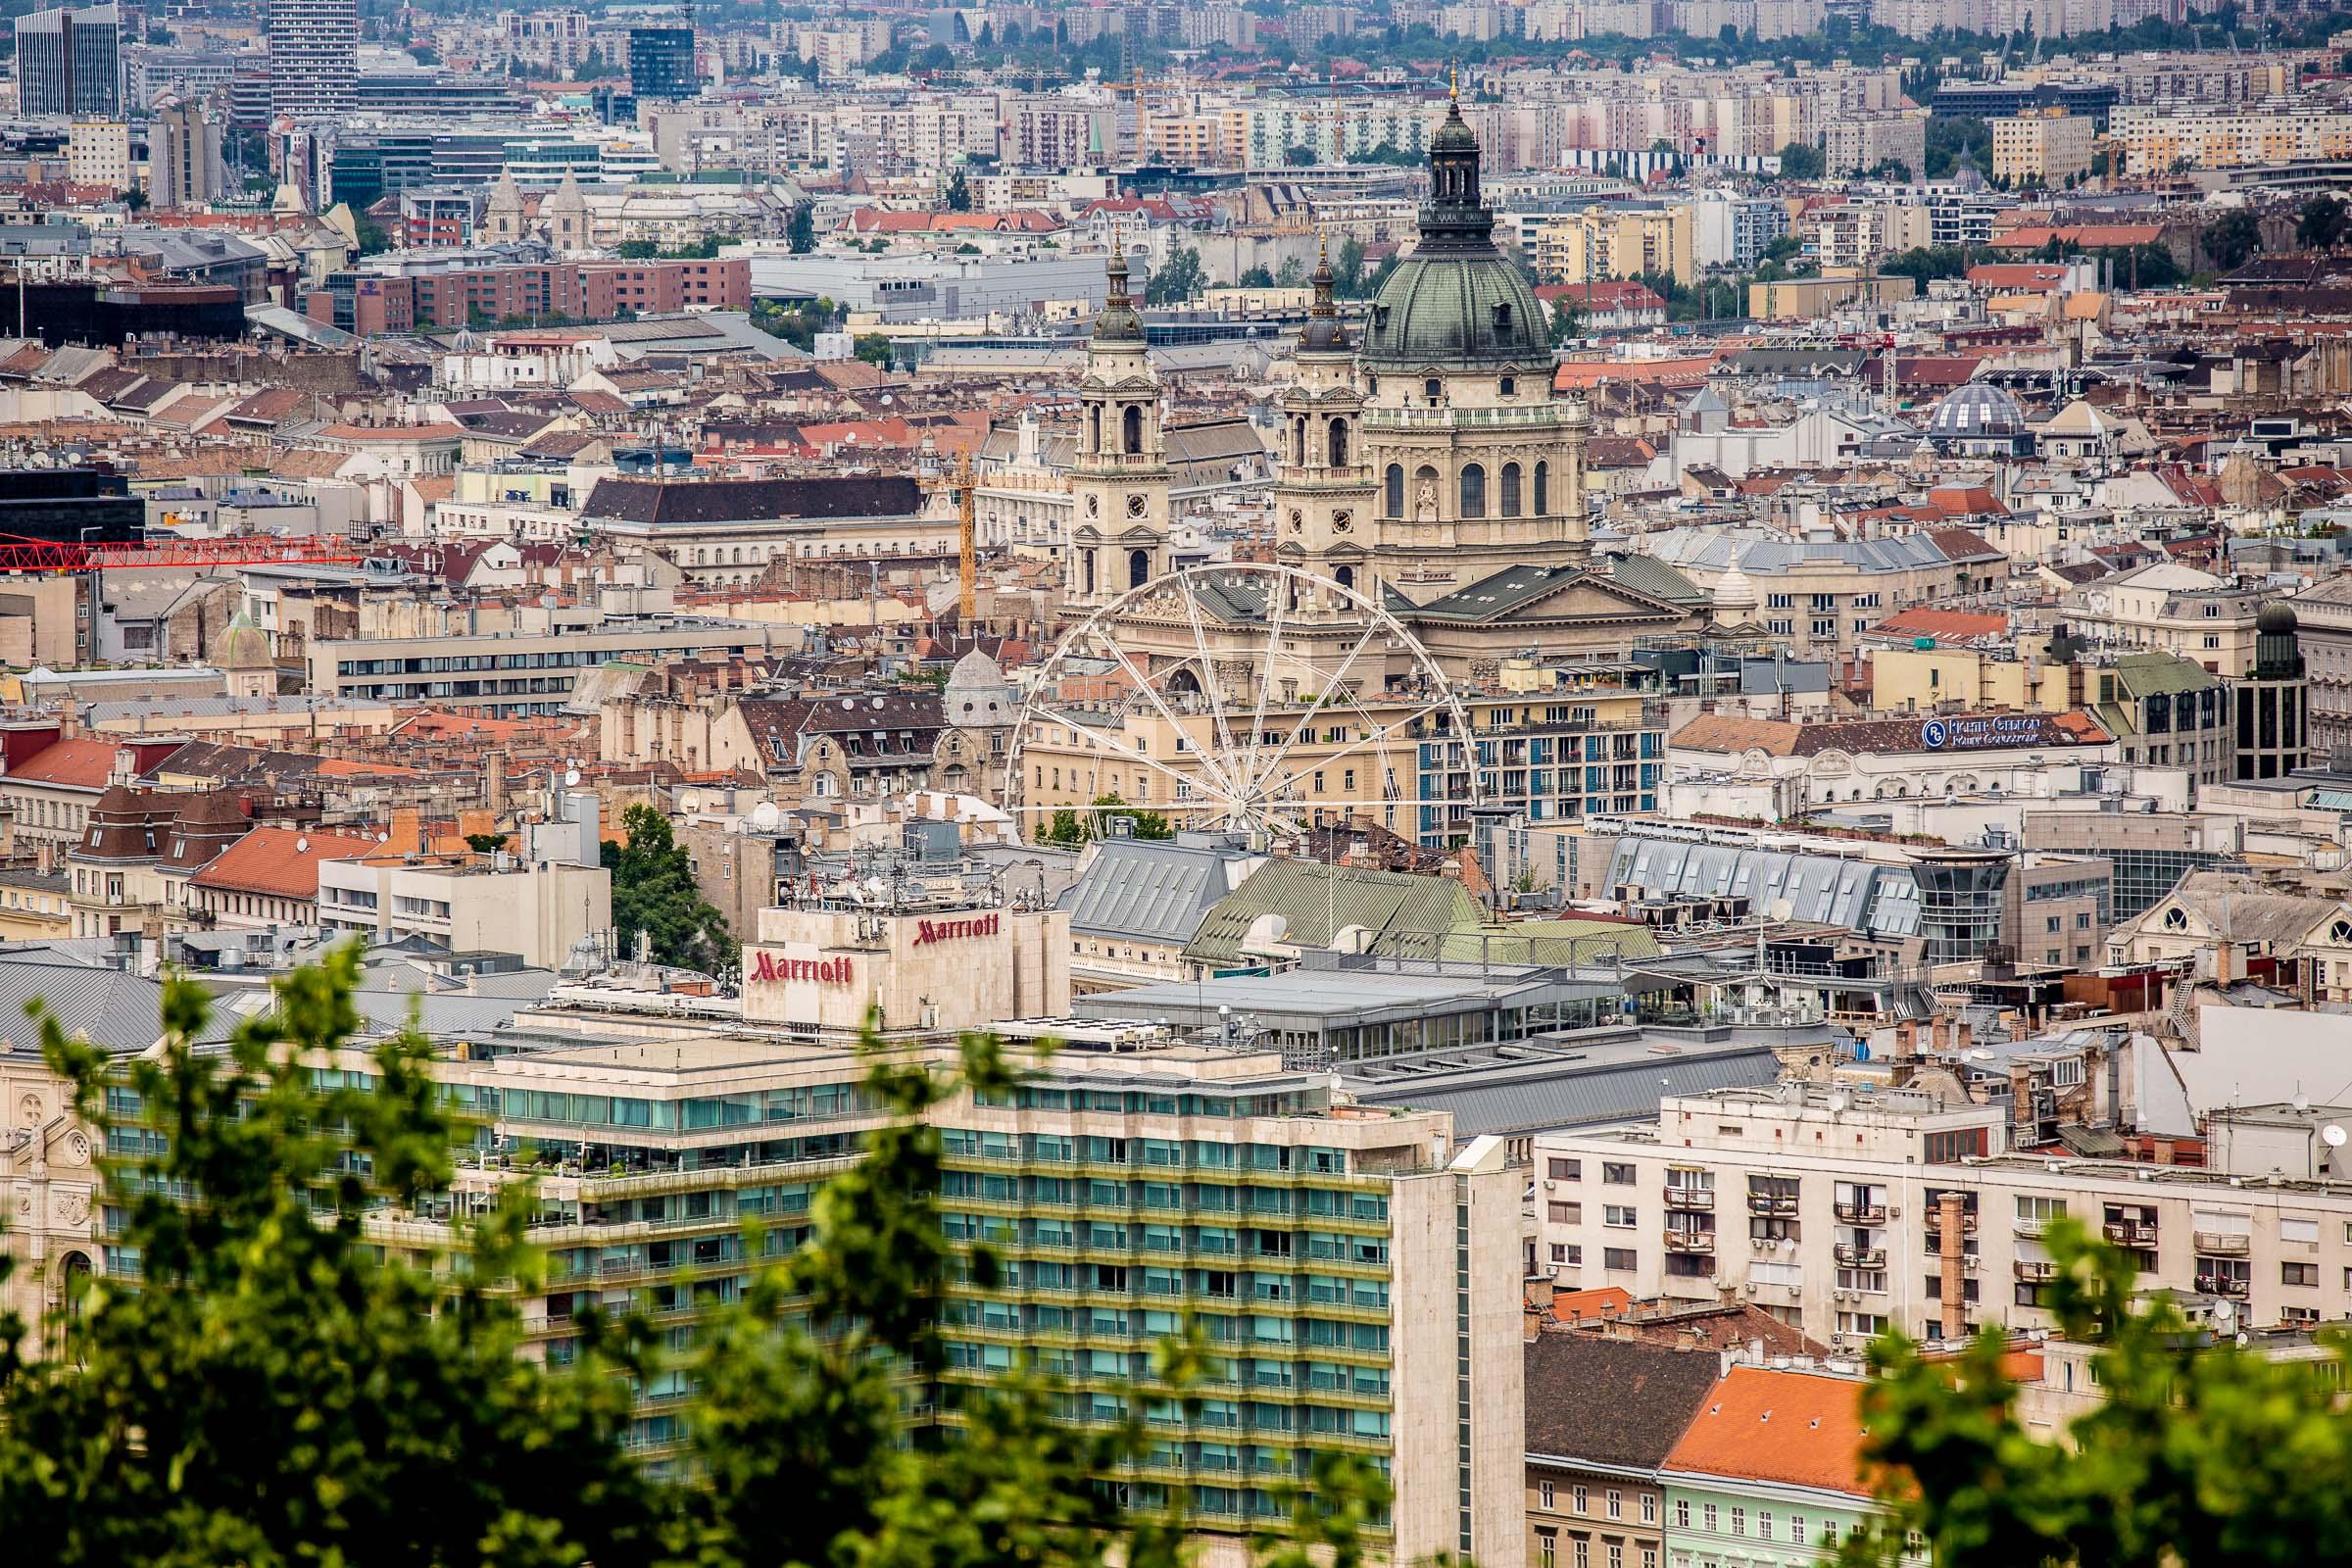 Magyarország Európa legbiztonságosabb országa, és minden oltóanyag hatékony